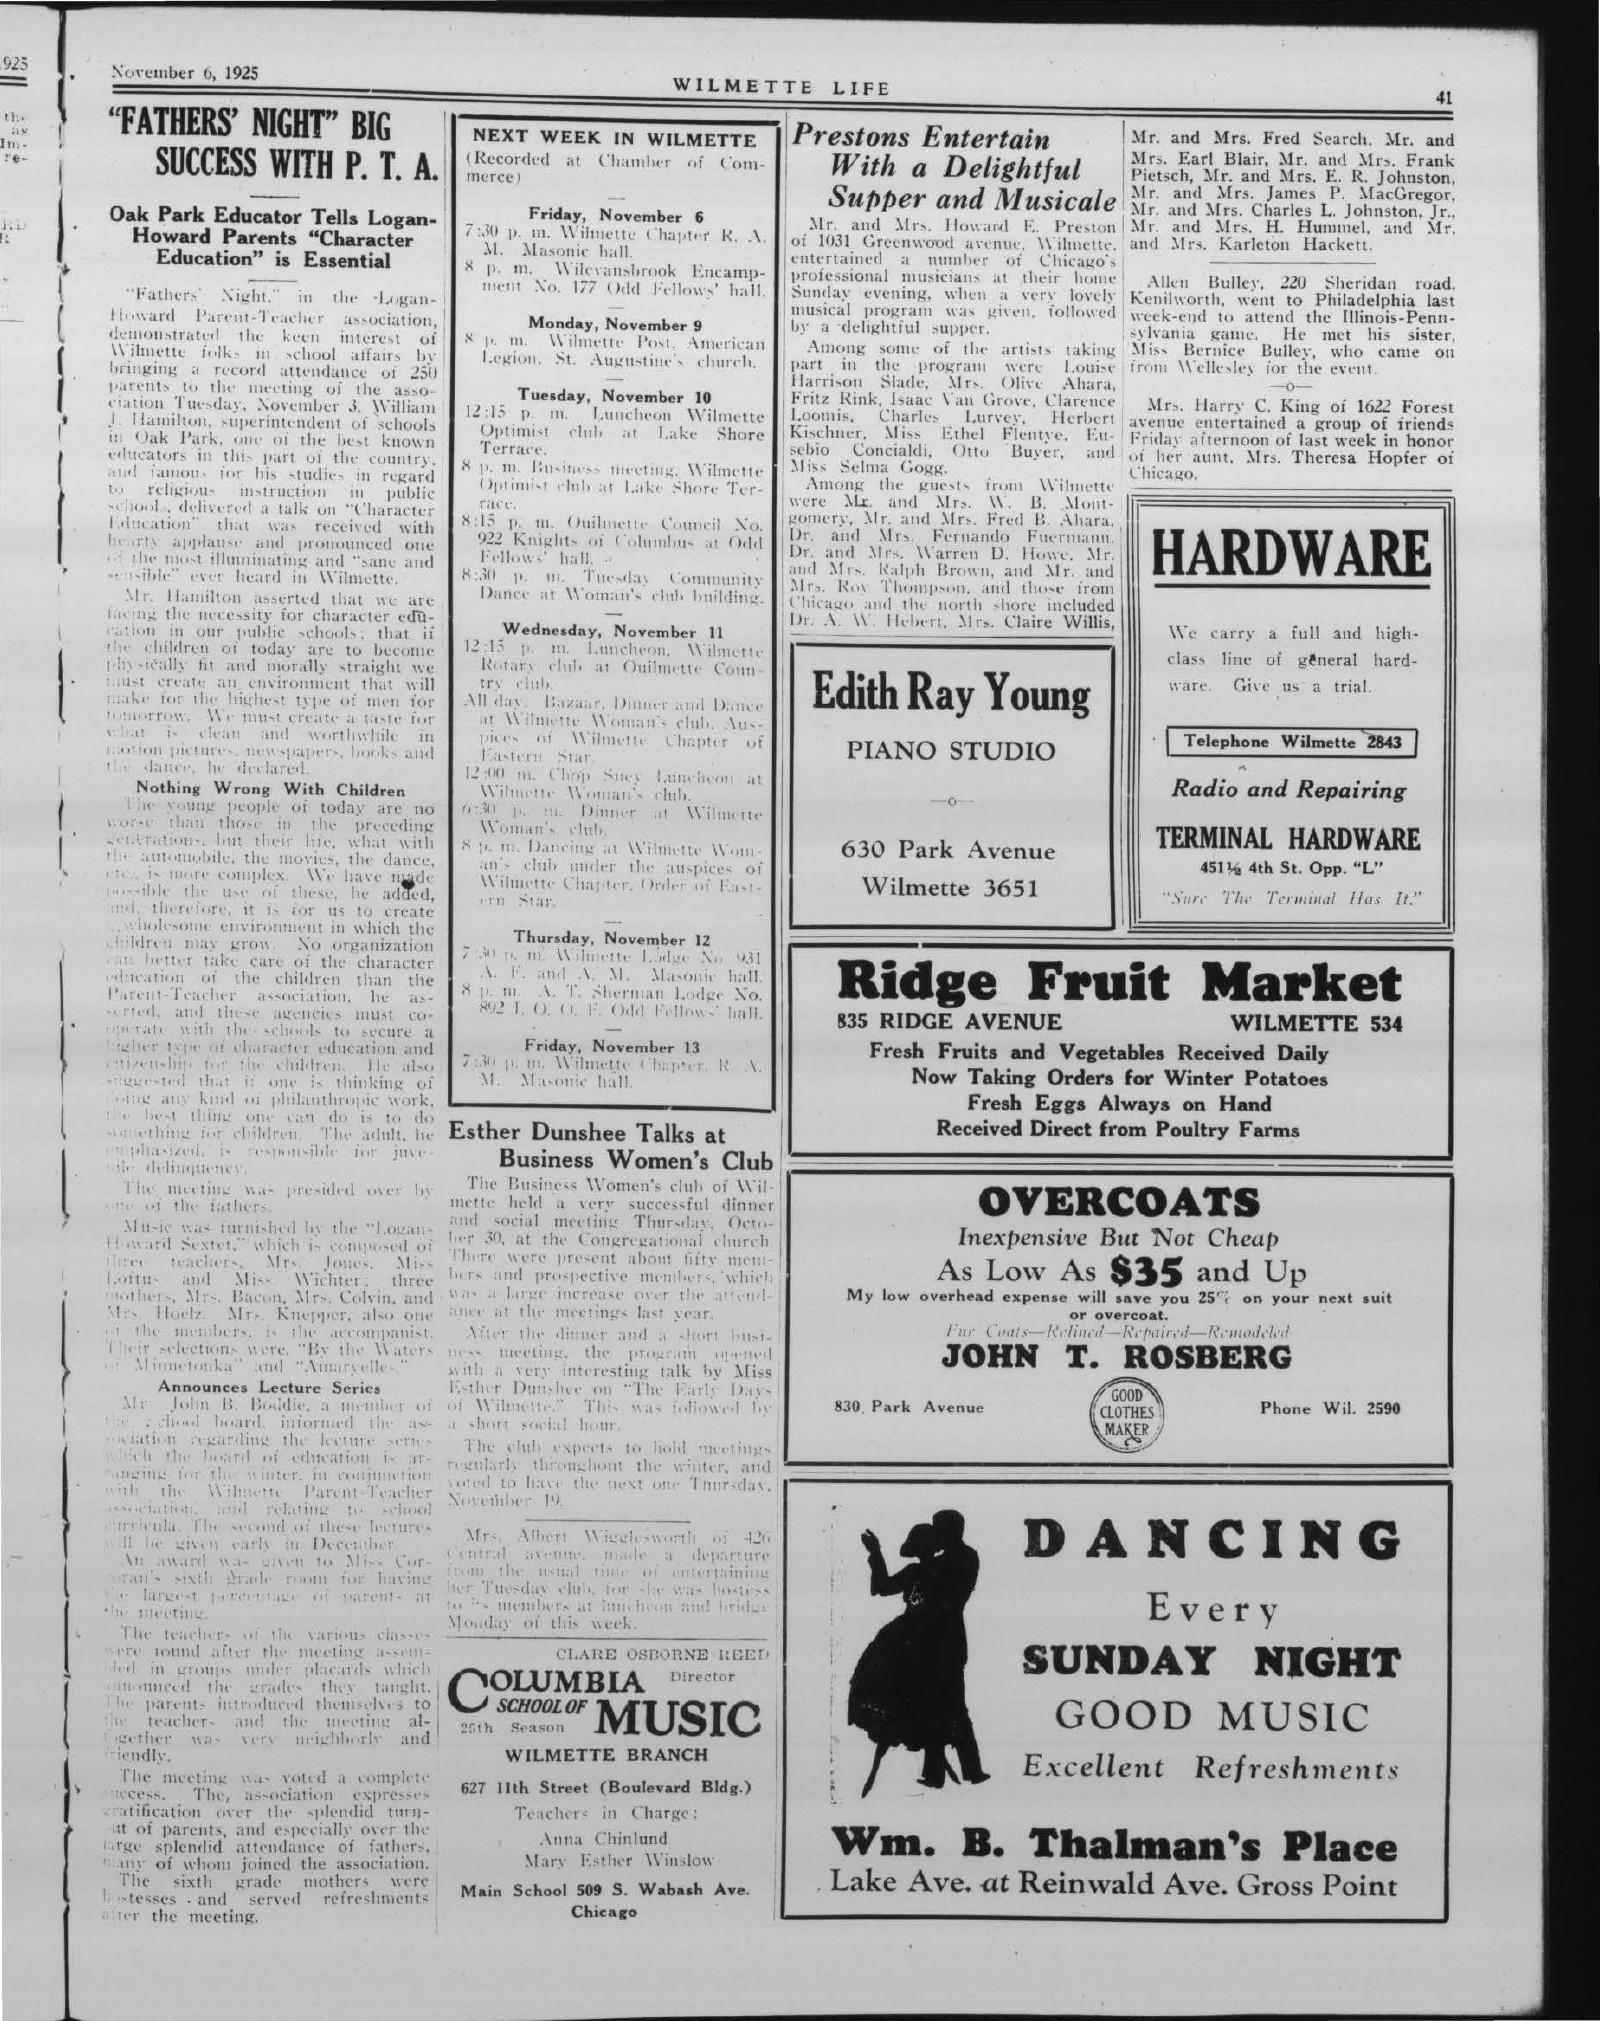 Wilmette Life (Wilmette, Illinois), 6 Nov 1925